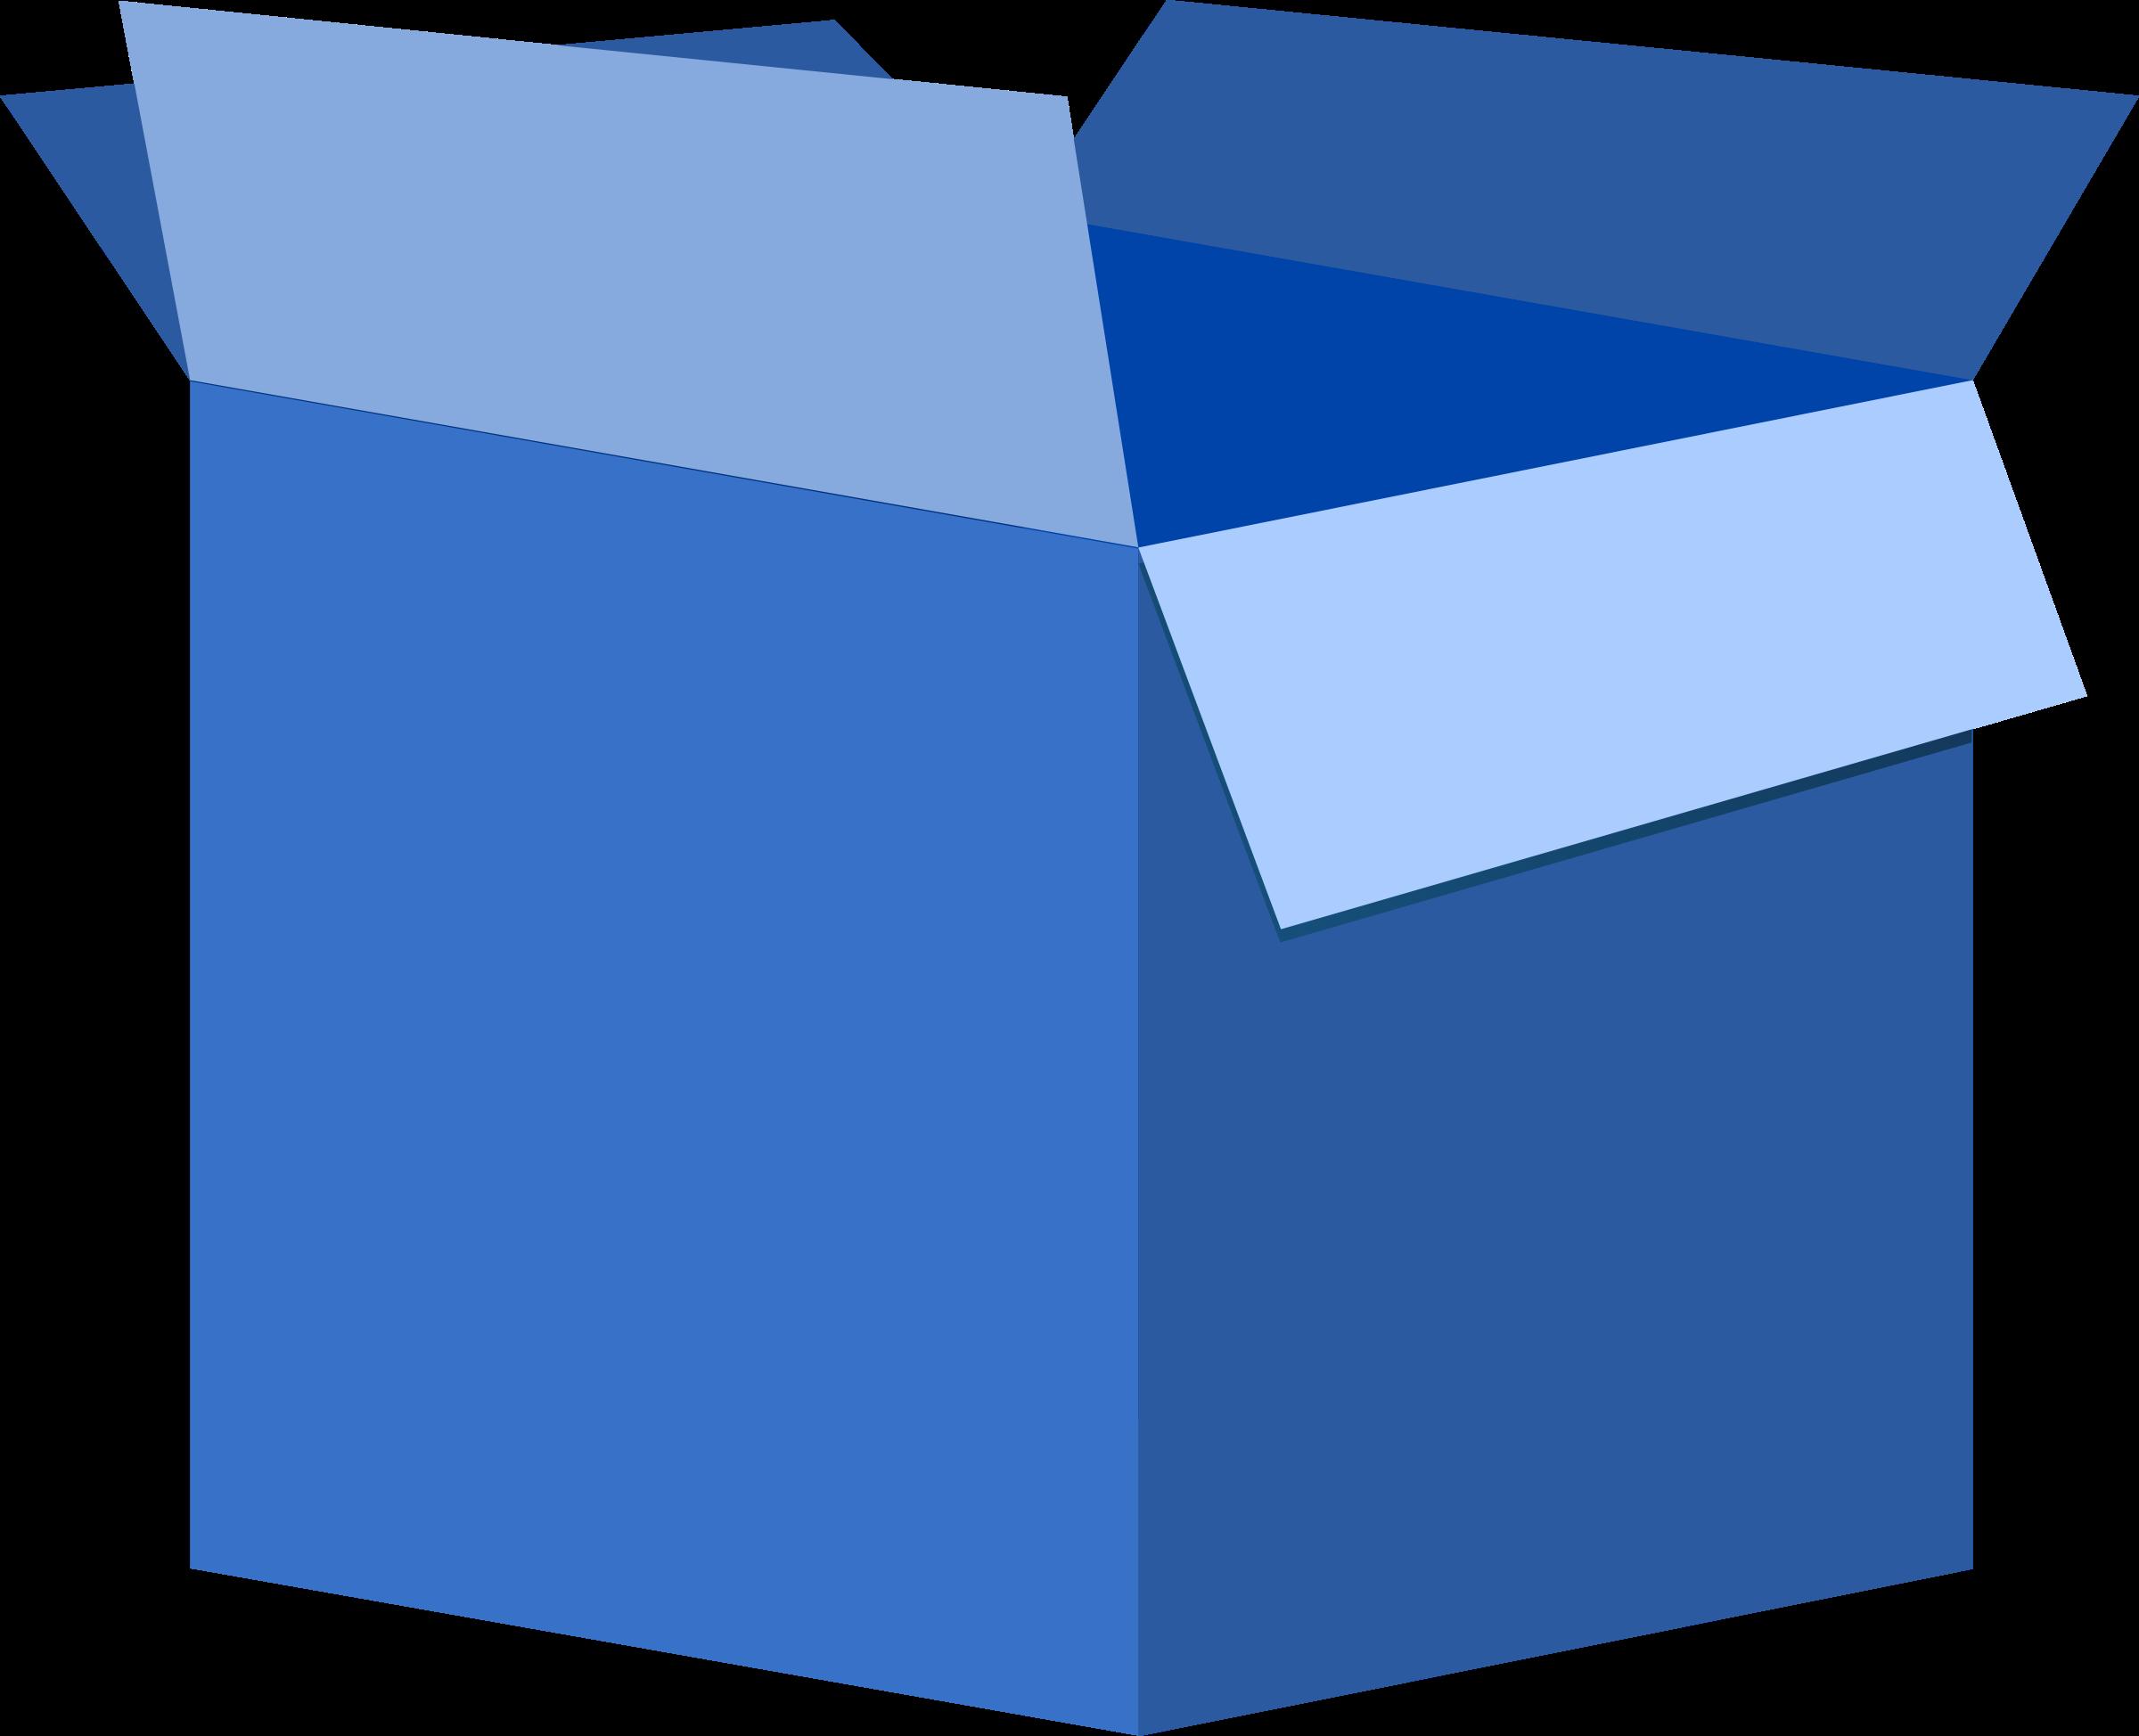 потребительских синяя коробка картинка стримерах приёмах